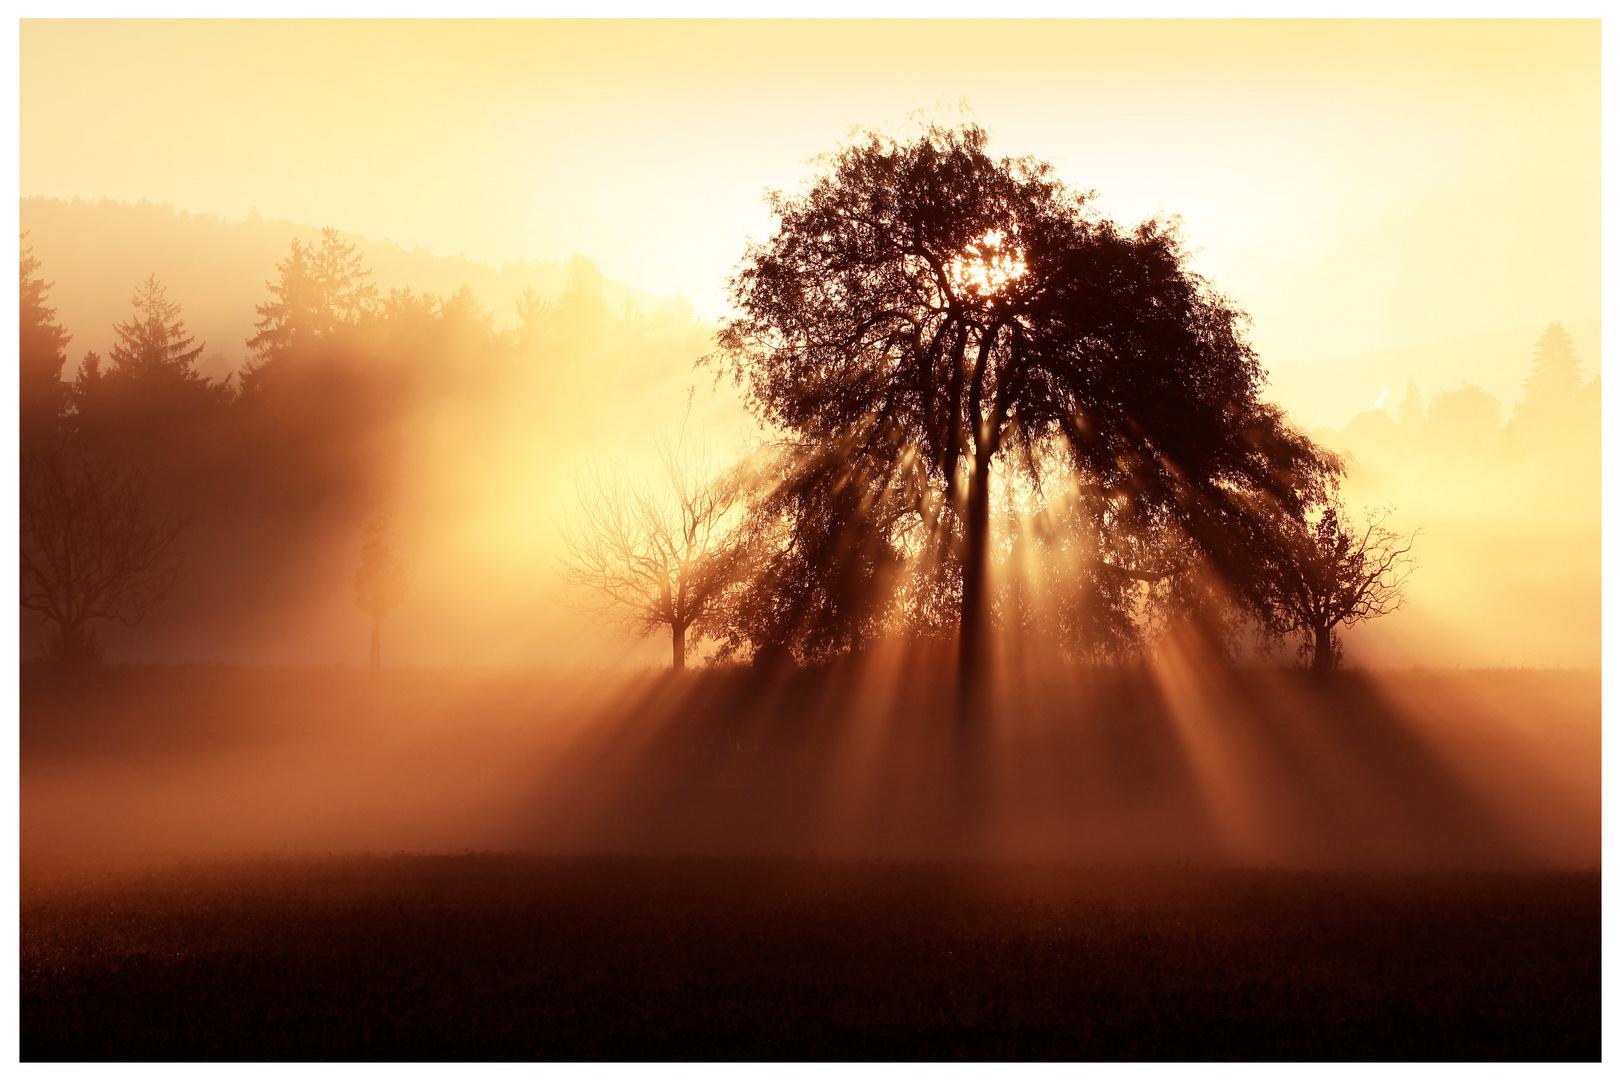 Das Licht durchdringt den Nebel